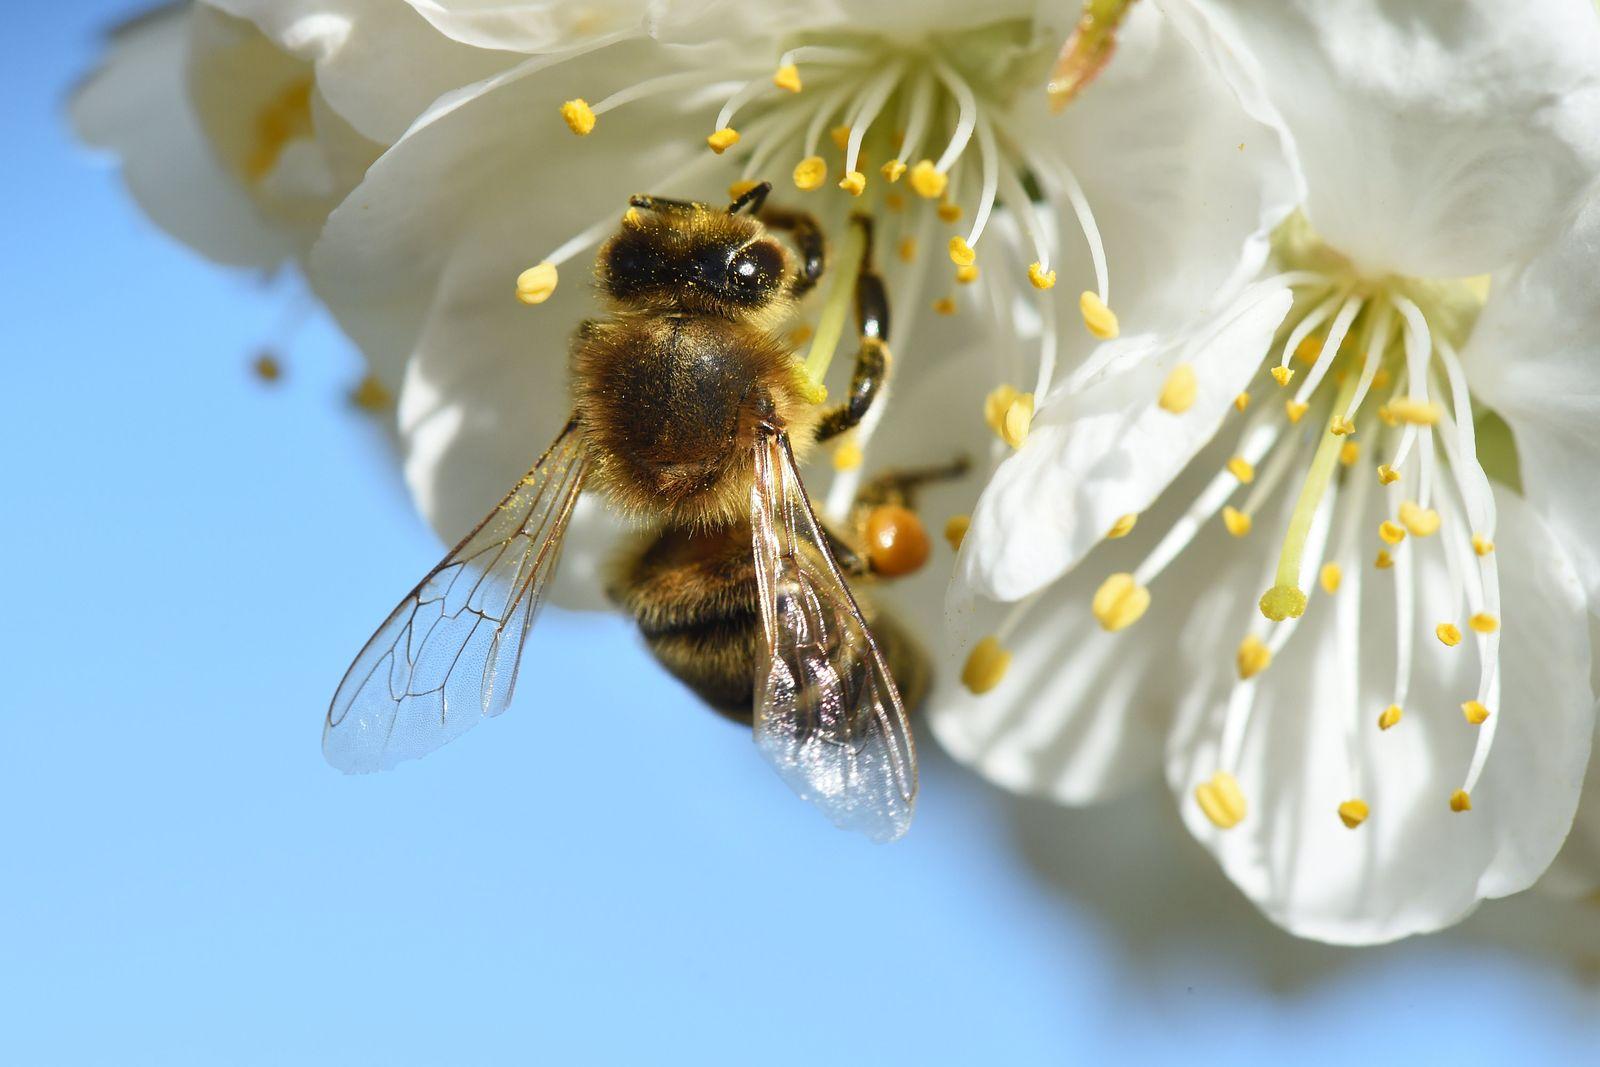 Kirschblüte lockt Bienen an